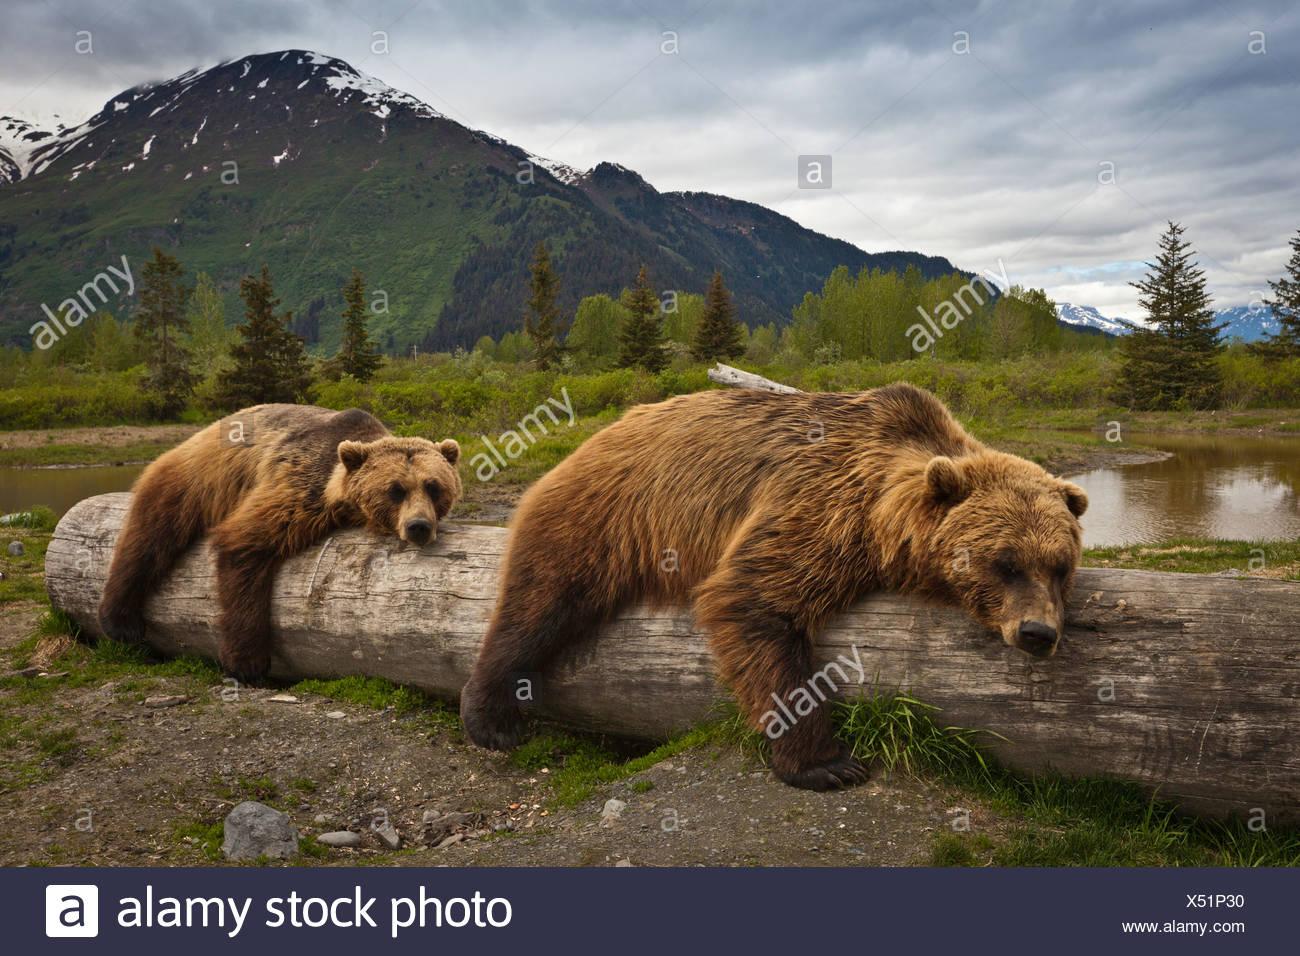 CAPTIVE: Zwei ältere Braunbären lag ausgestreckt auf einem Baumstamm im Alaska Wildlife Conservation Center, Yunan Alaska, Sommer Stockbild